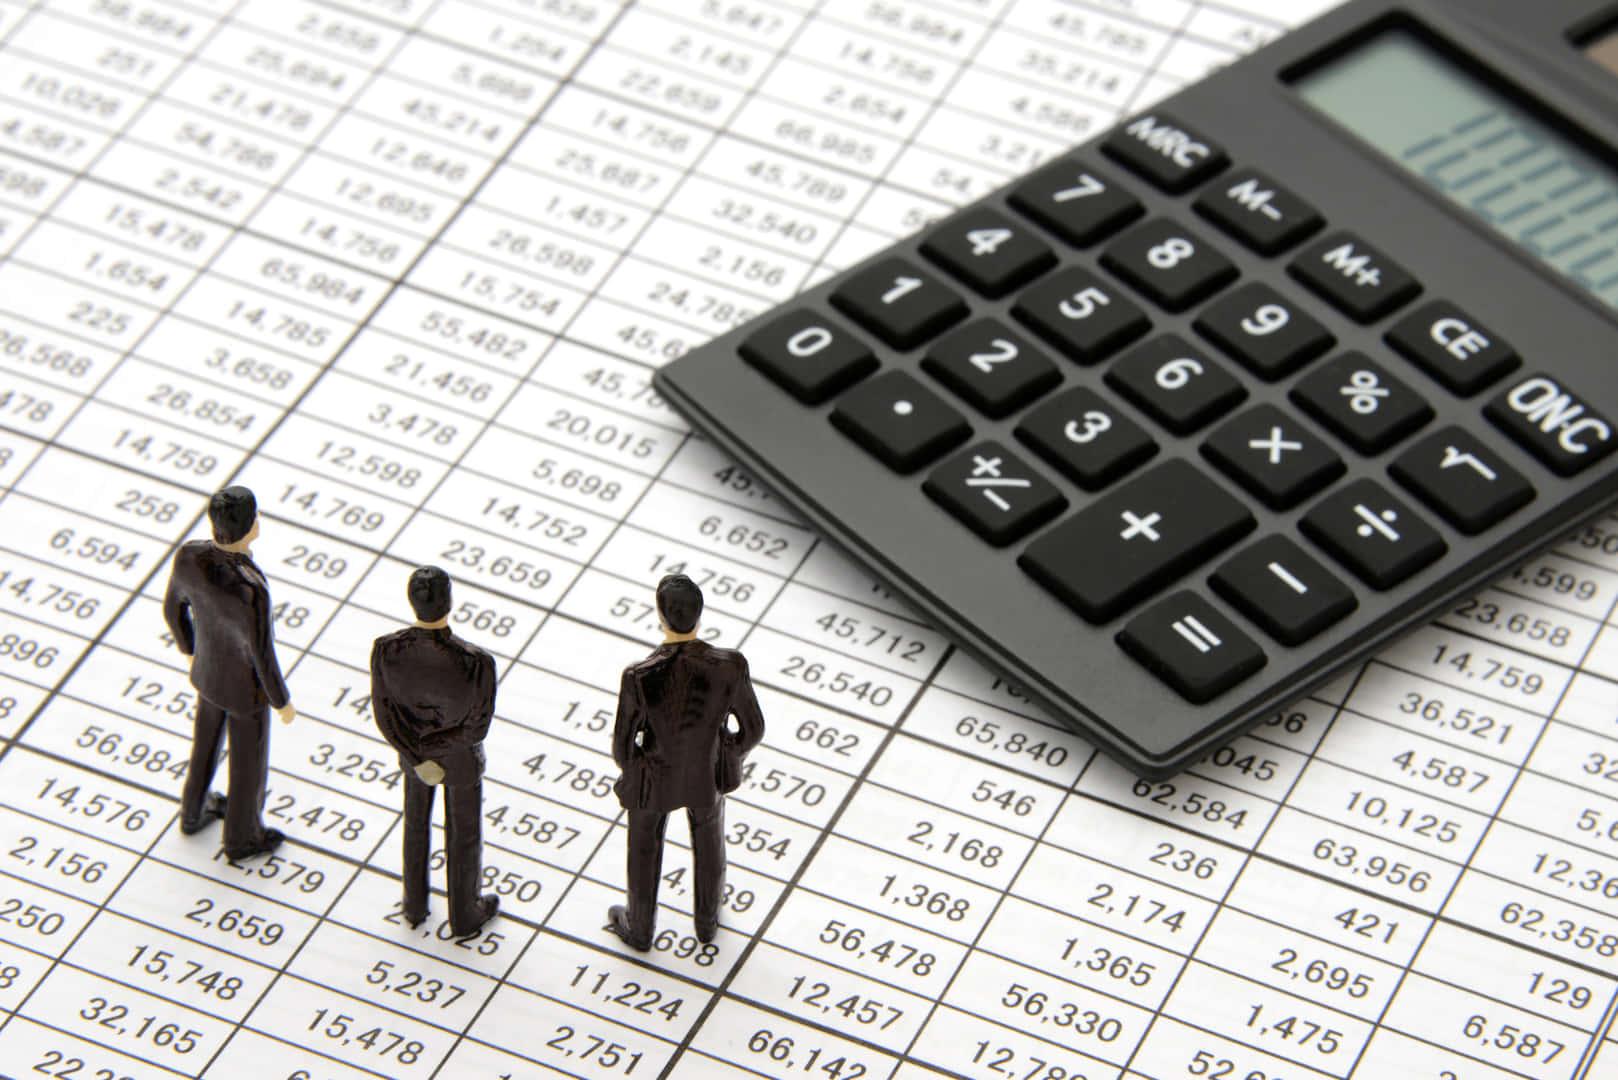 一番儲かる投資は「債券・不動産・FX・株式・自己投資」のどれなのか?種類毎に比較解説!